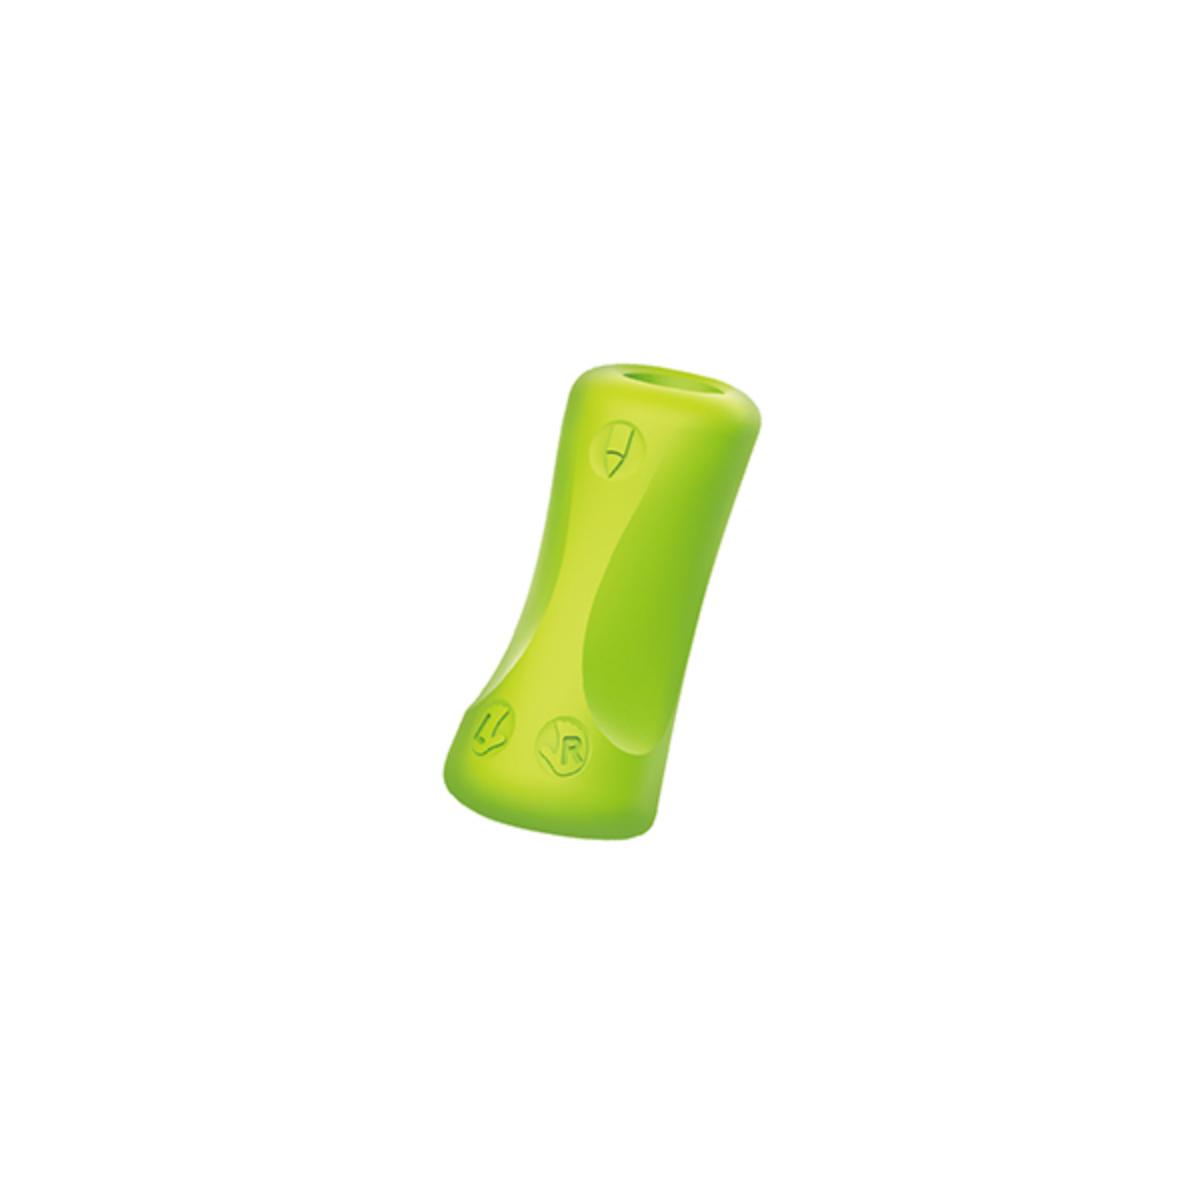 מחזיק עיפרון אורטופדי - Keyroad מעורב צבעים